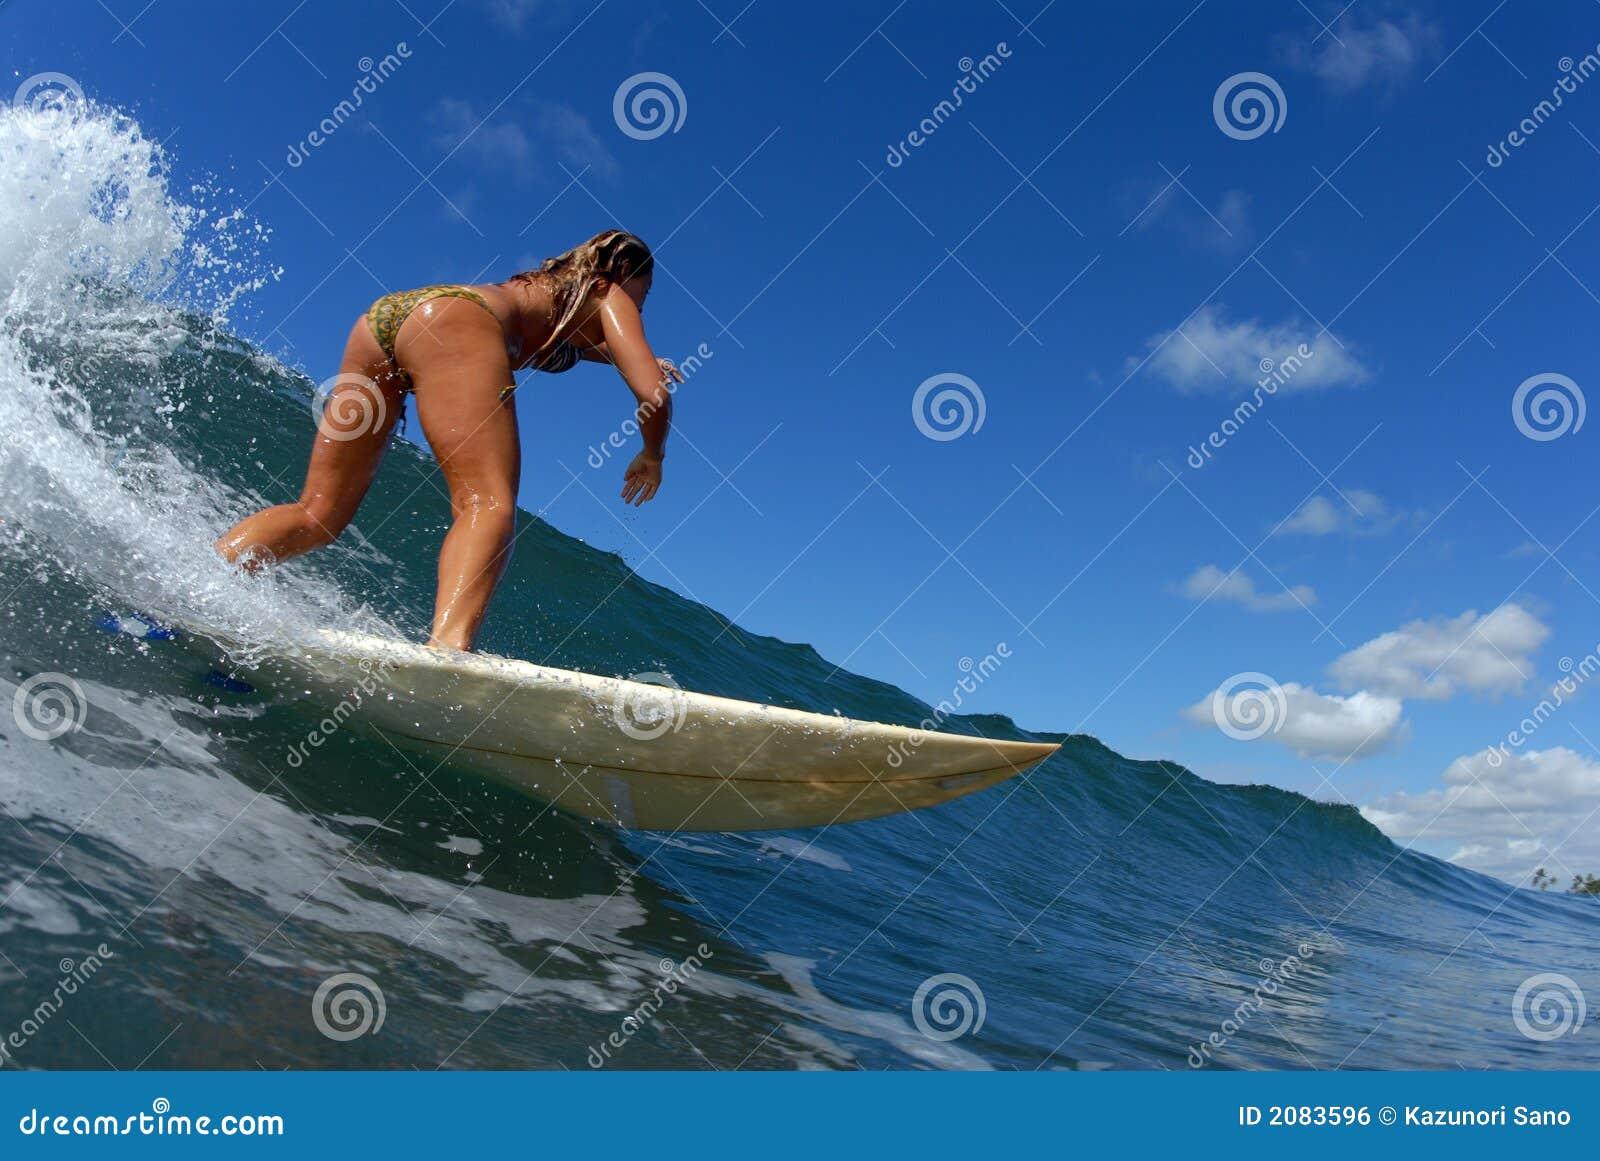 Una ragazza che pratica il surfing